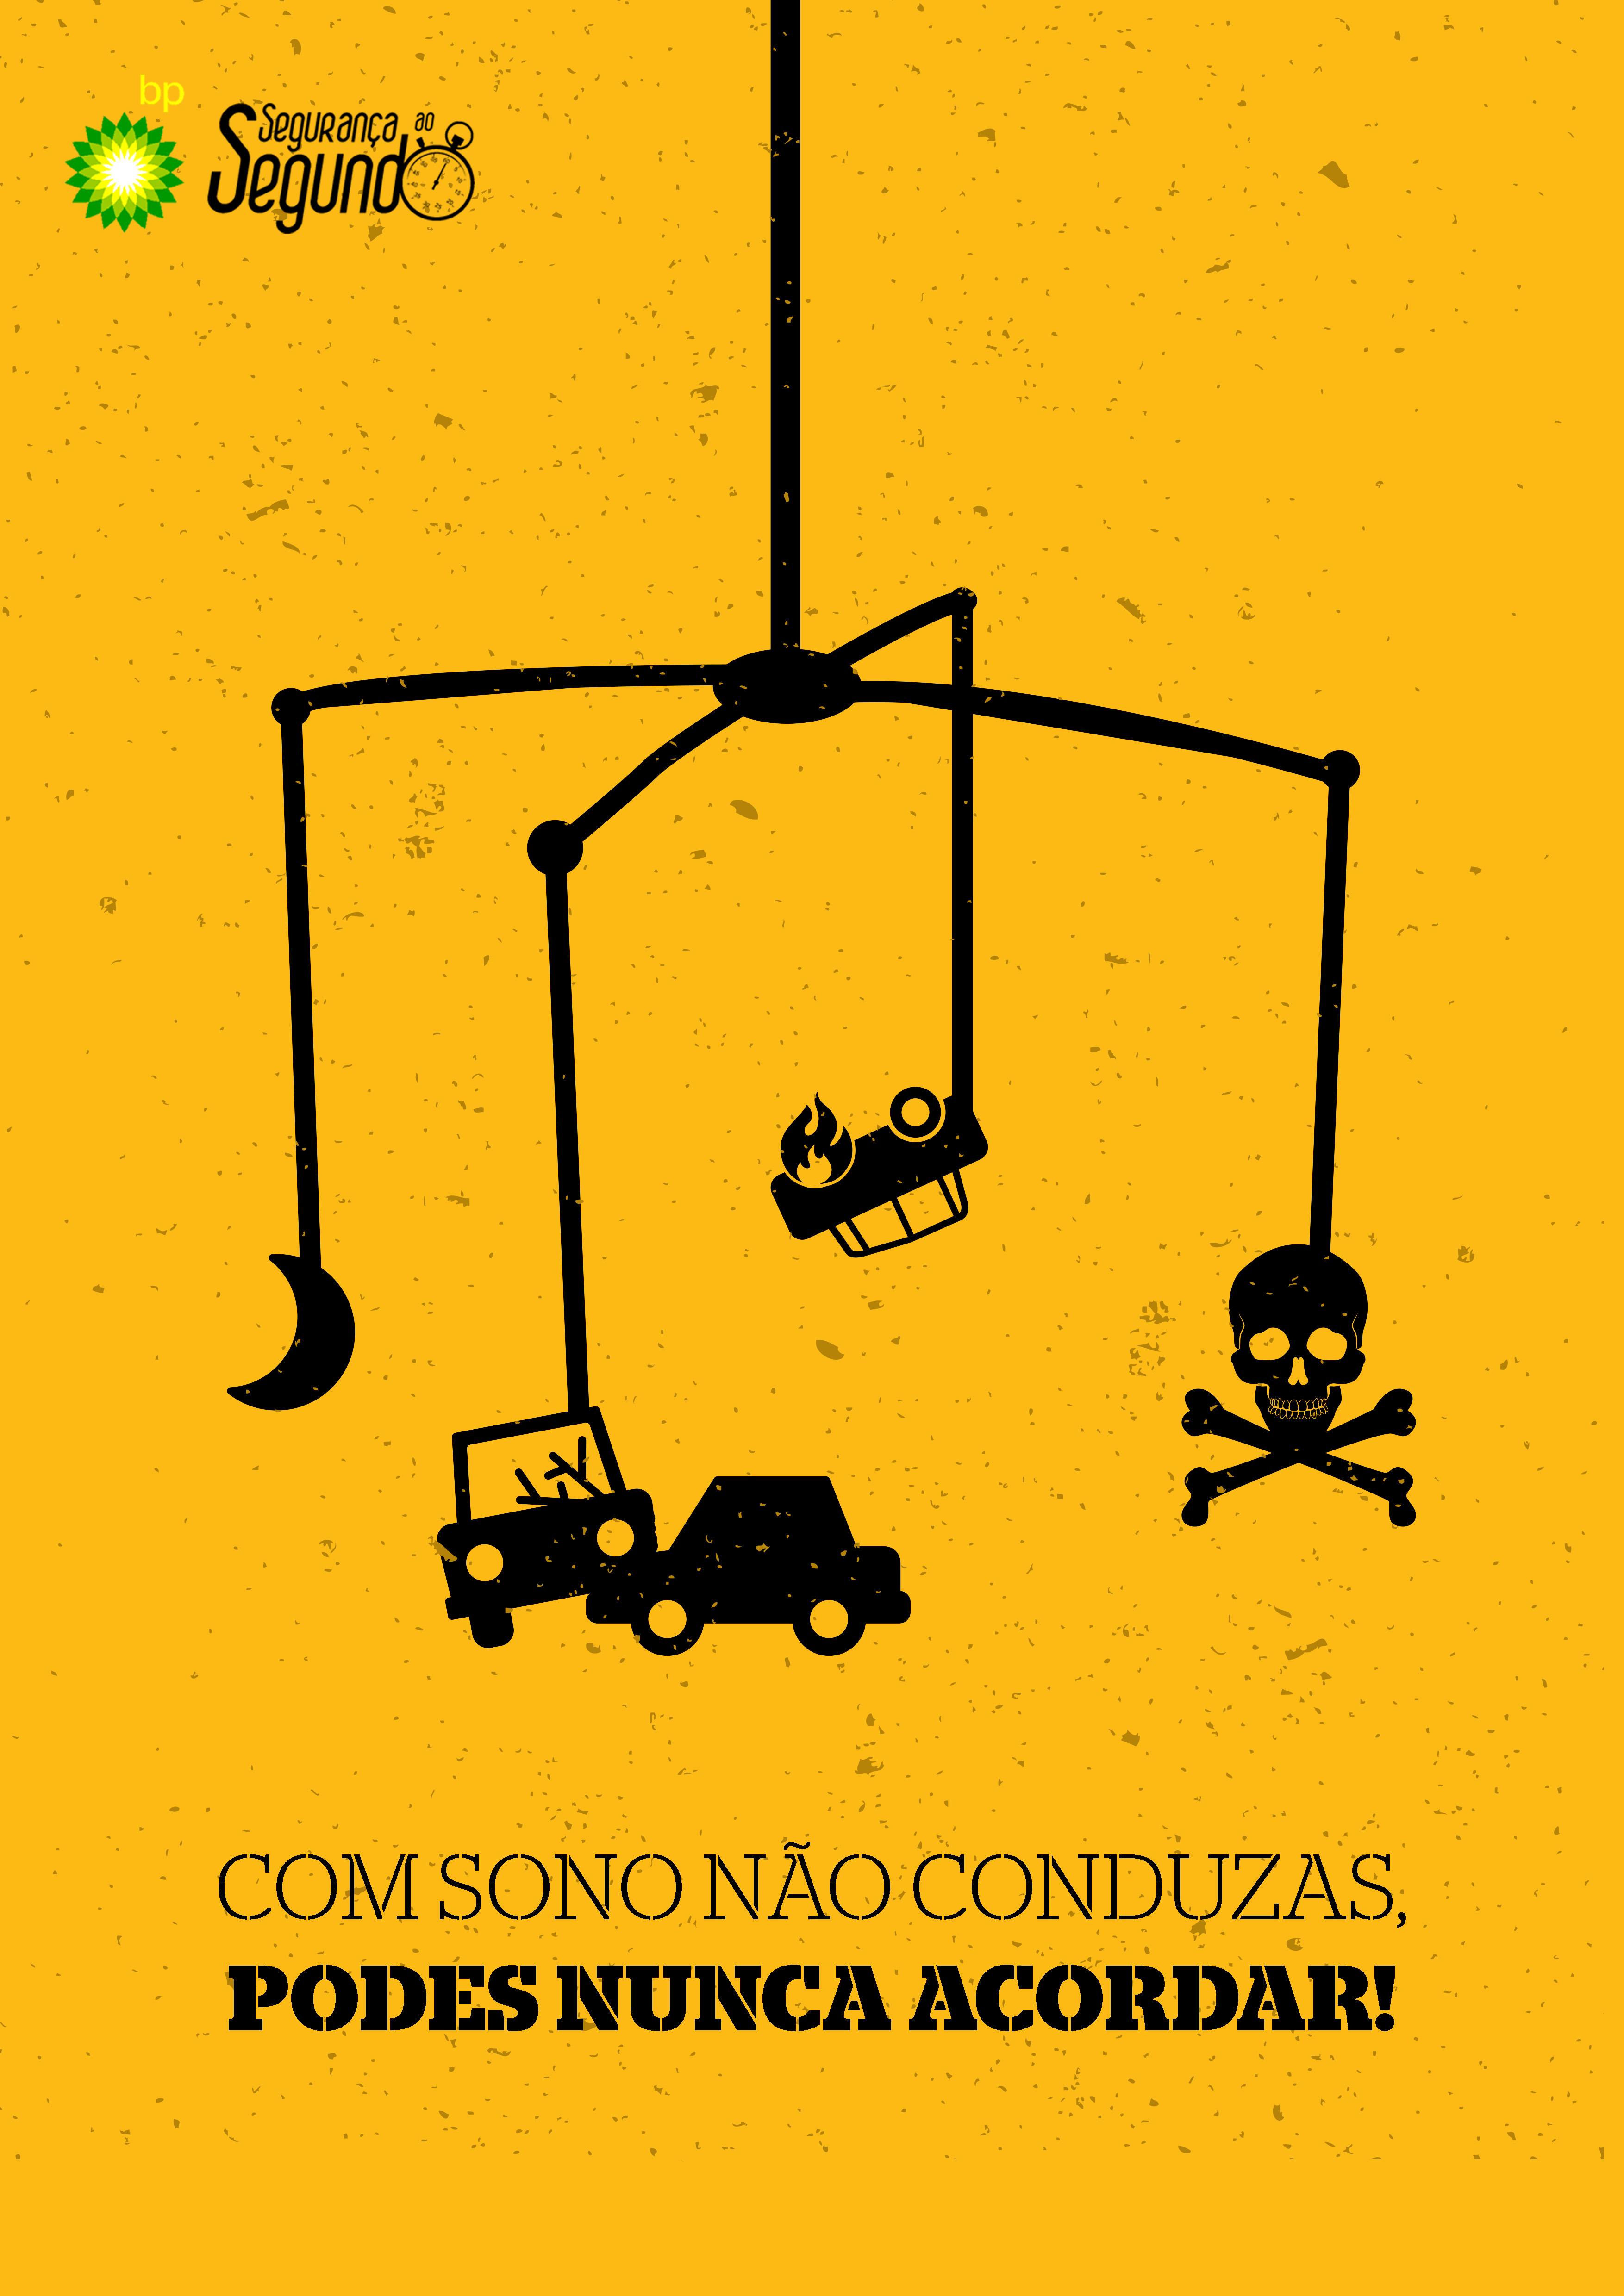 Os Licelinos cartaz-1